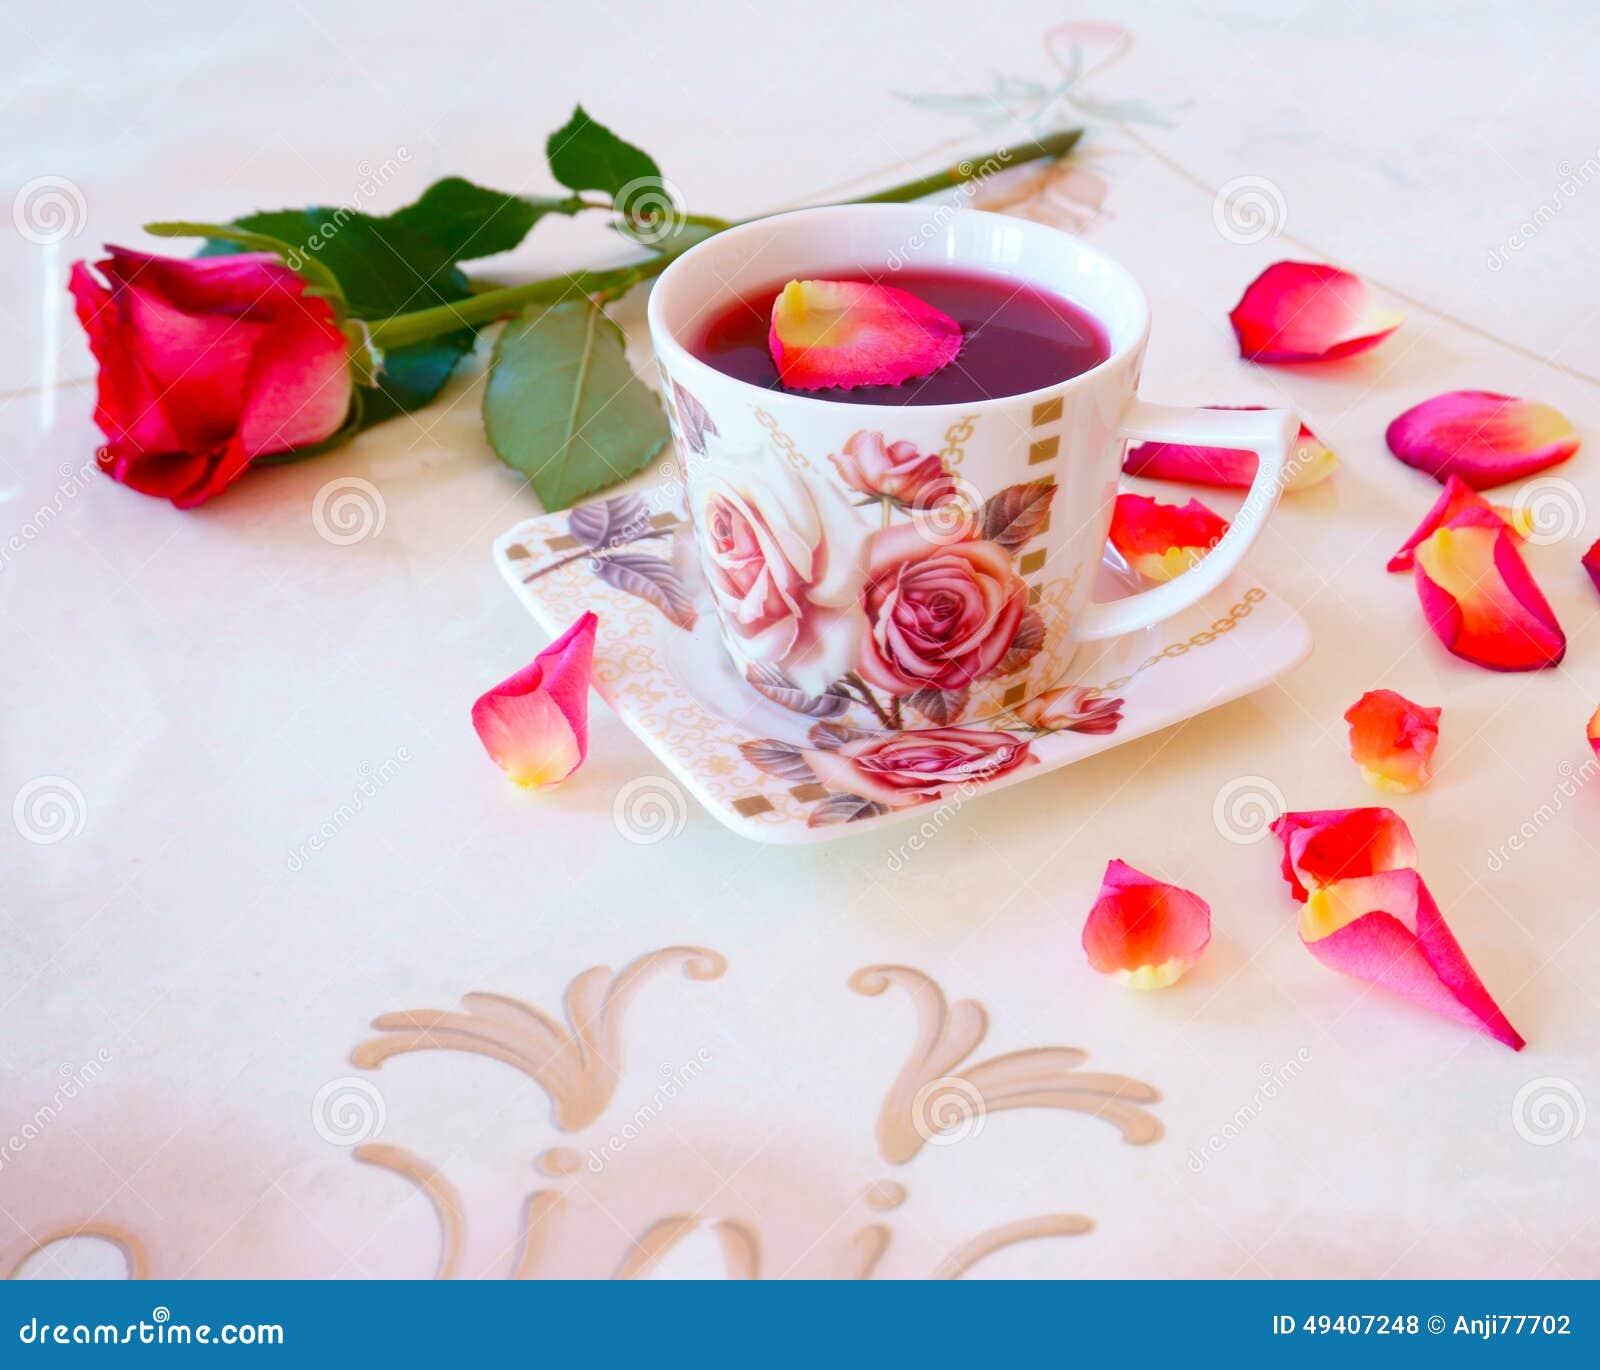 Download Glas Teerosen stockfoto. Bild von kaffee, pink, blüte - 49407248